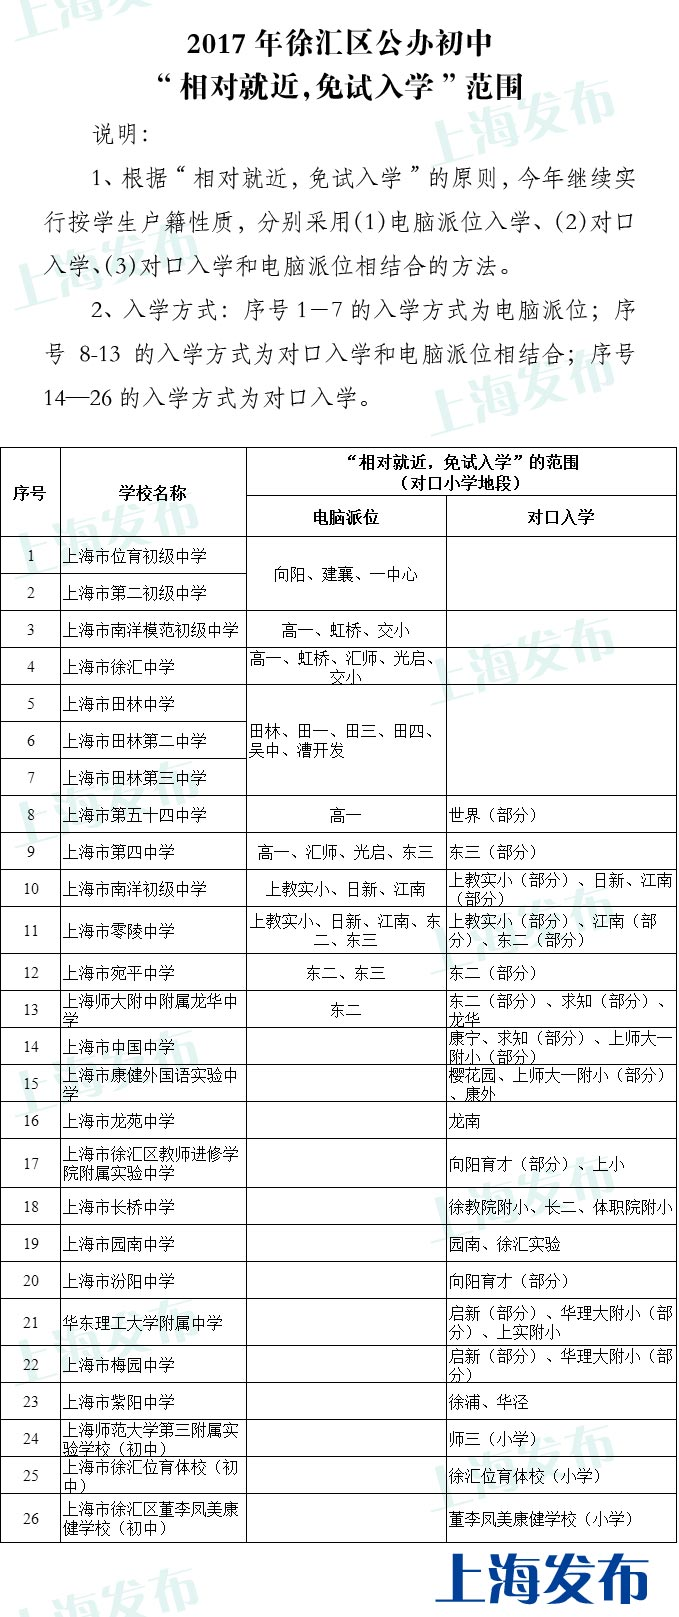 2017年上海徐汇区小升初对口小学地段范围